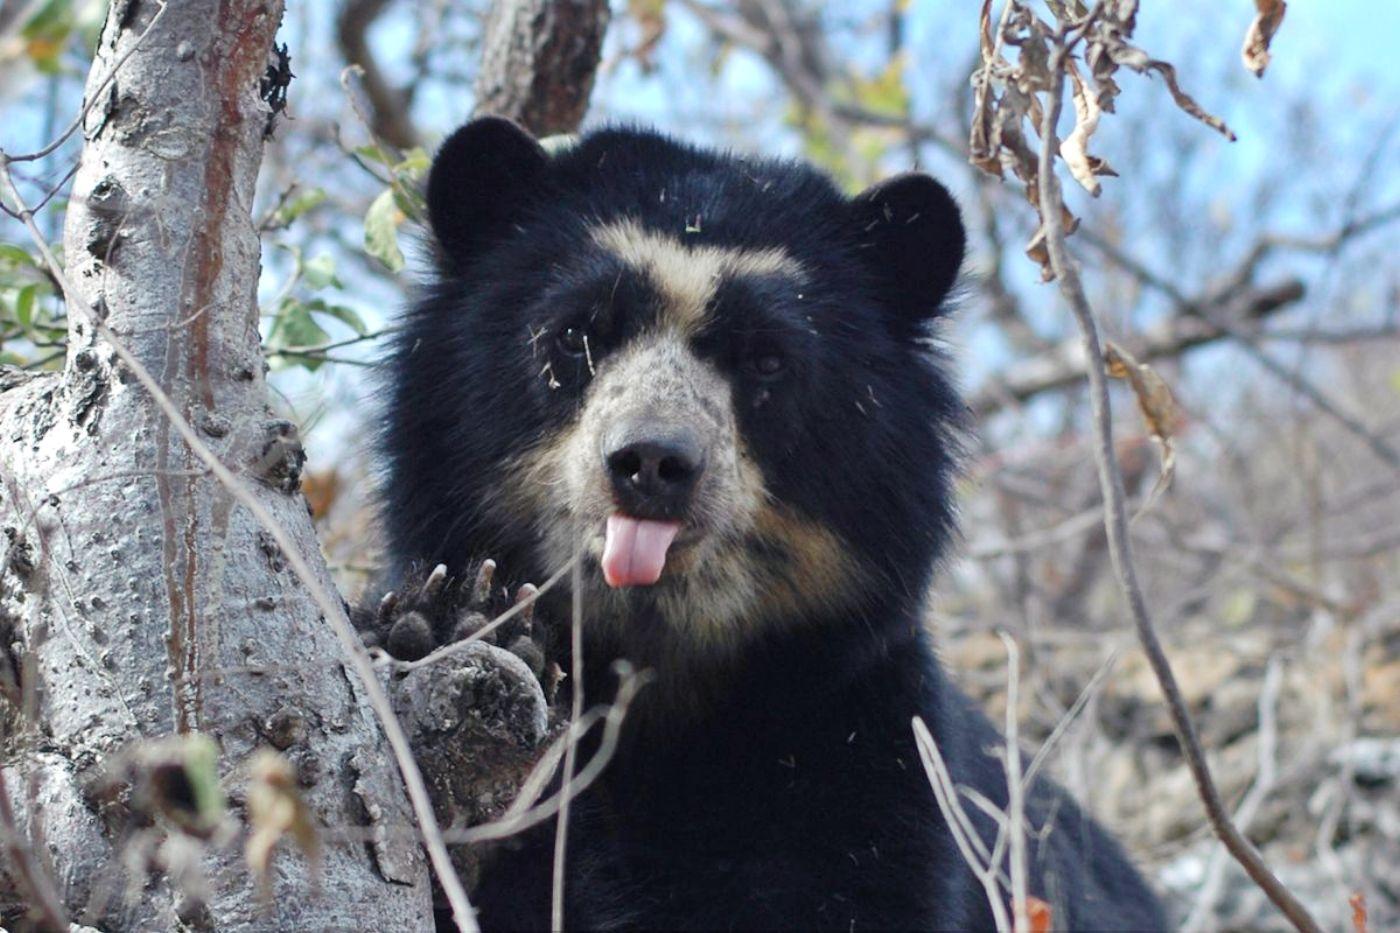 Venezuela avanza en la protección del único oso autóctono suramericano que está en riesgo de extinción